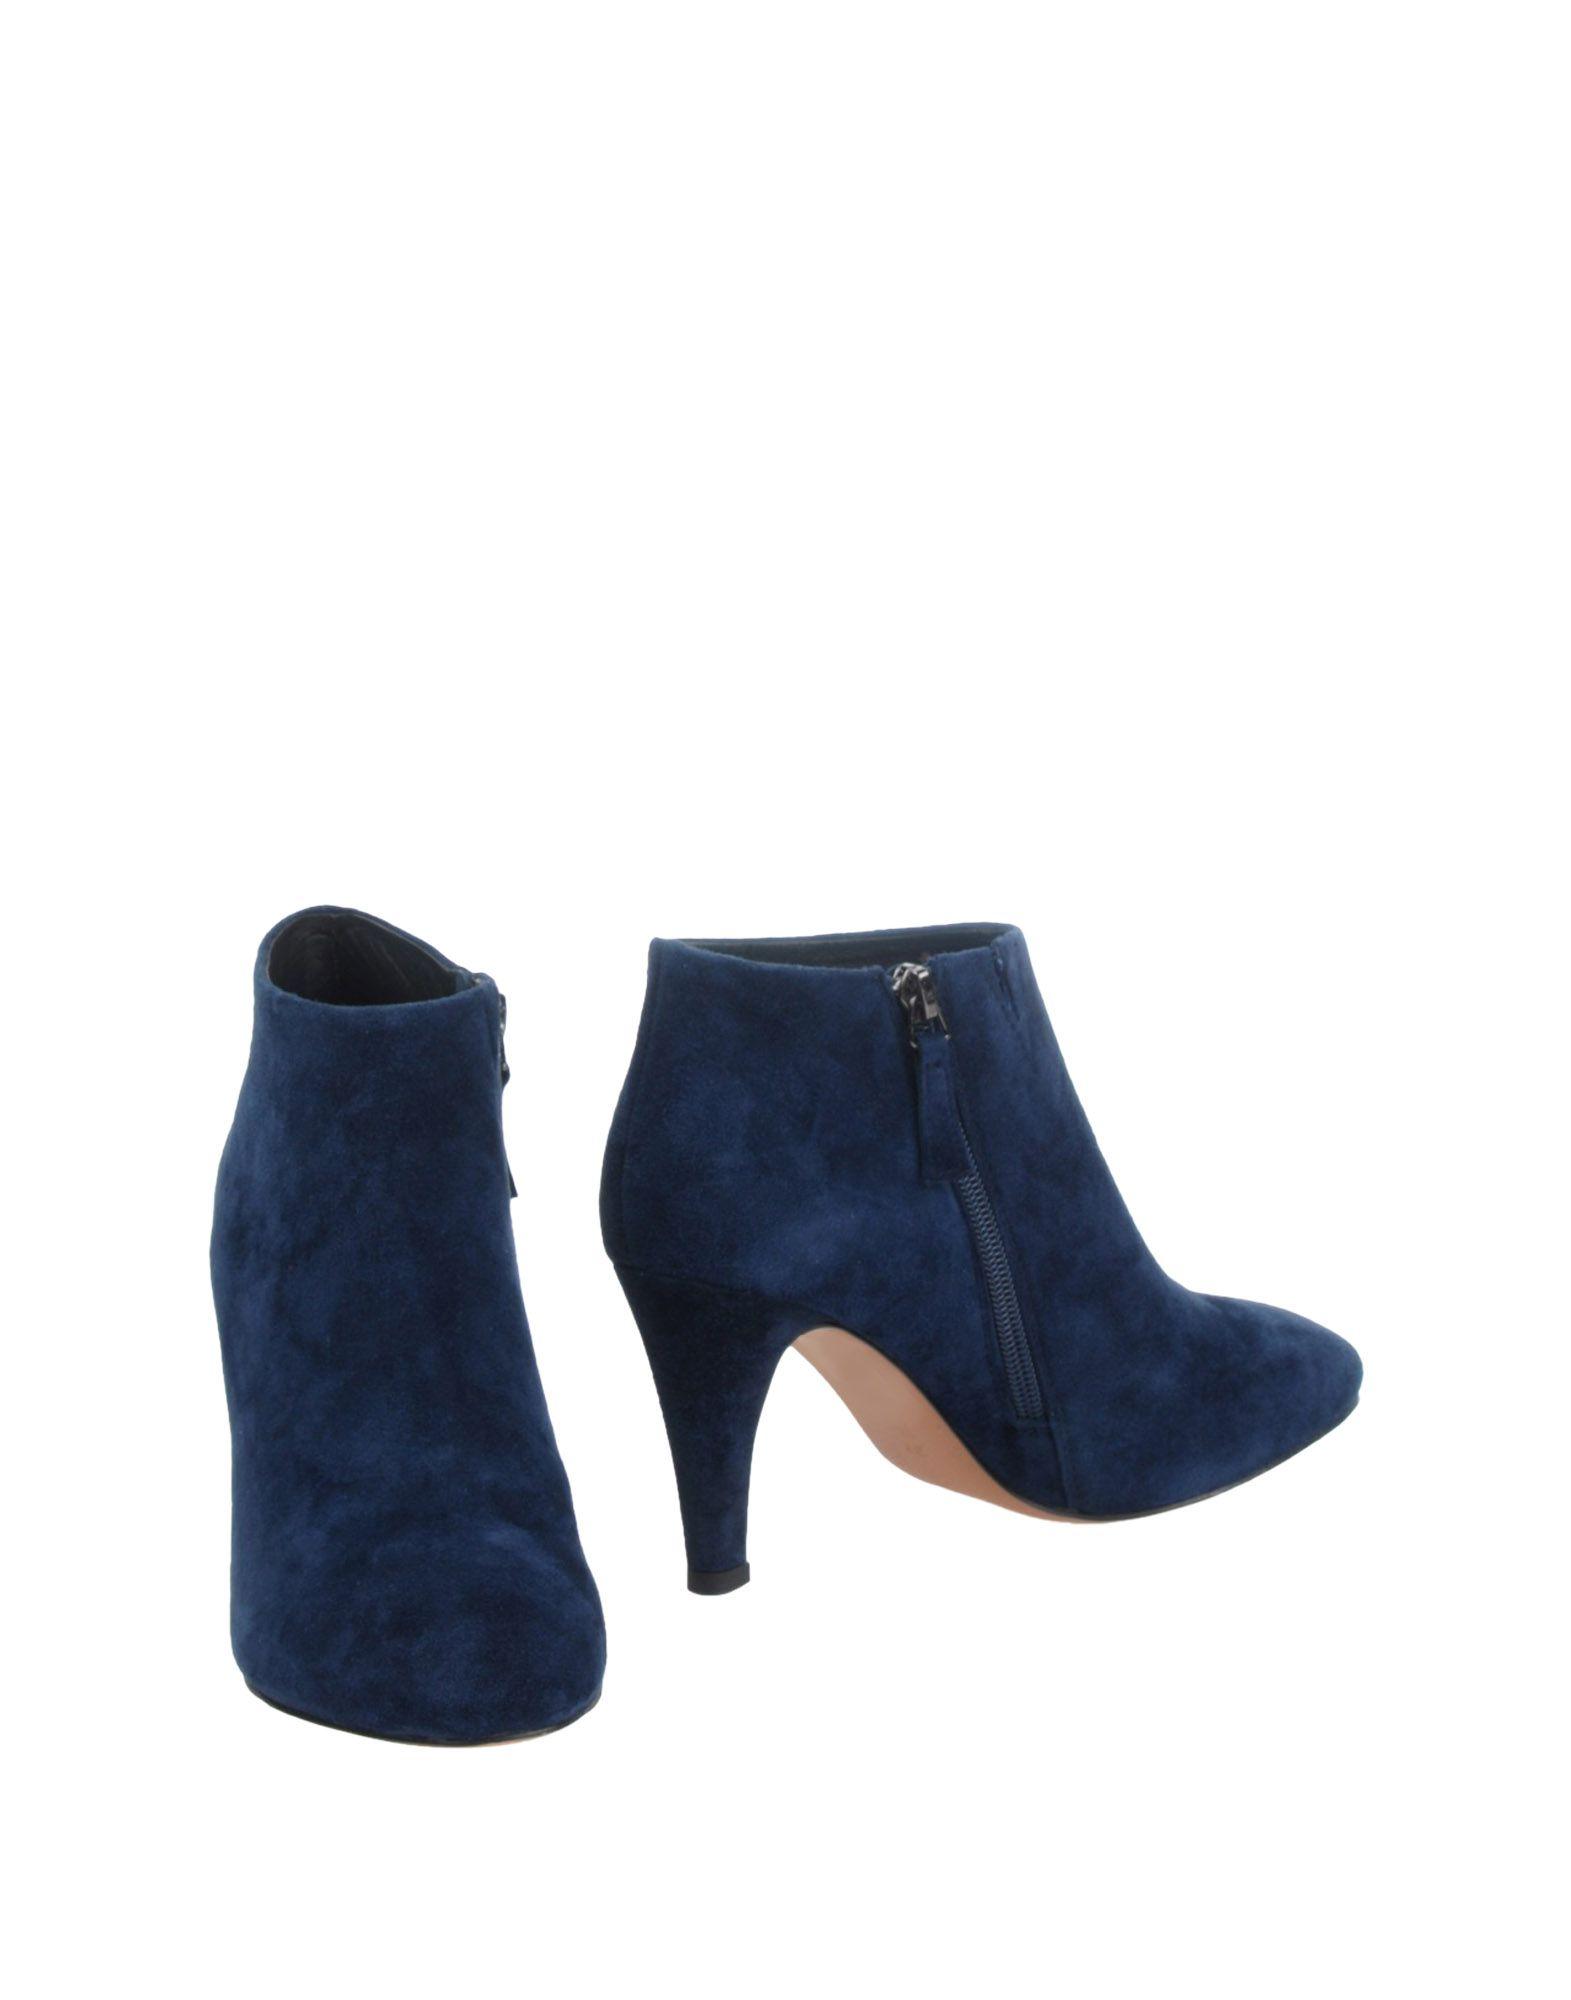 Gut um billige Damen Schuhe zu tragenMi/Mai Stiefelette Damen billige  11278174QF 60b8f6